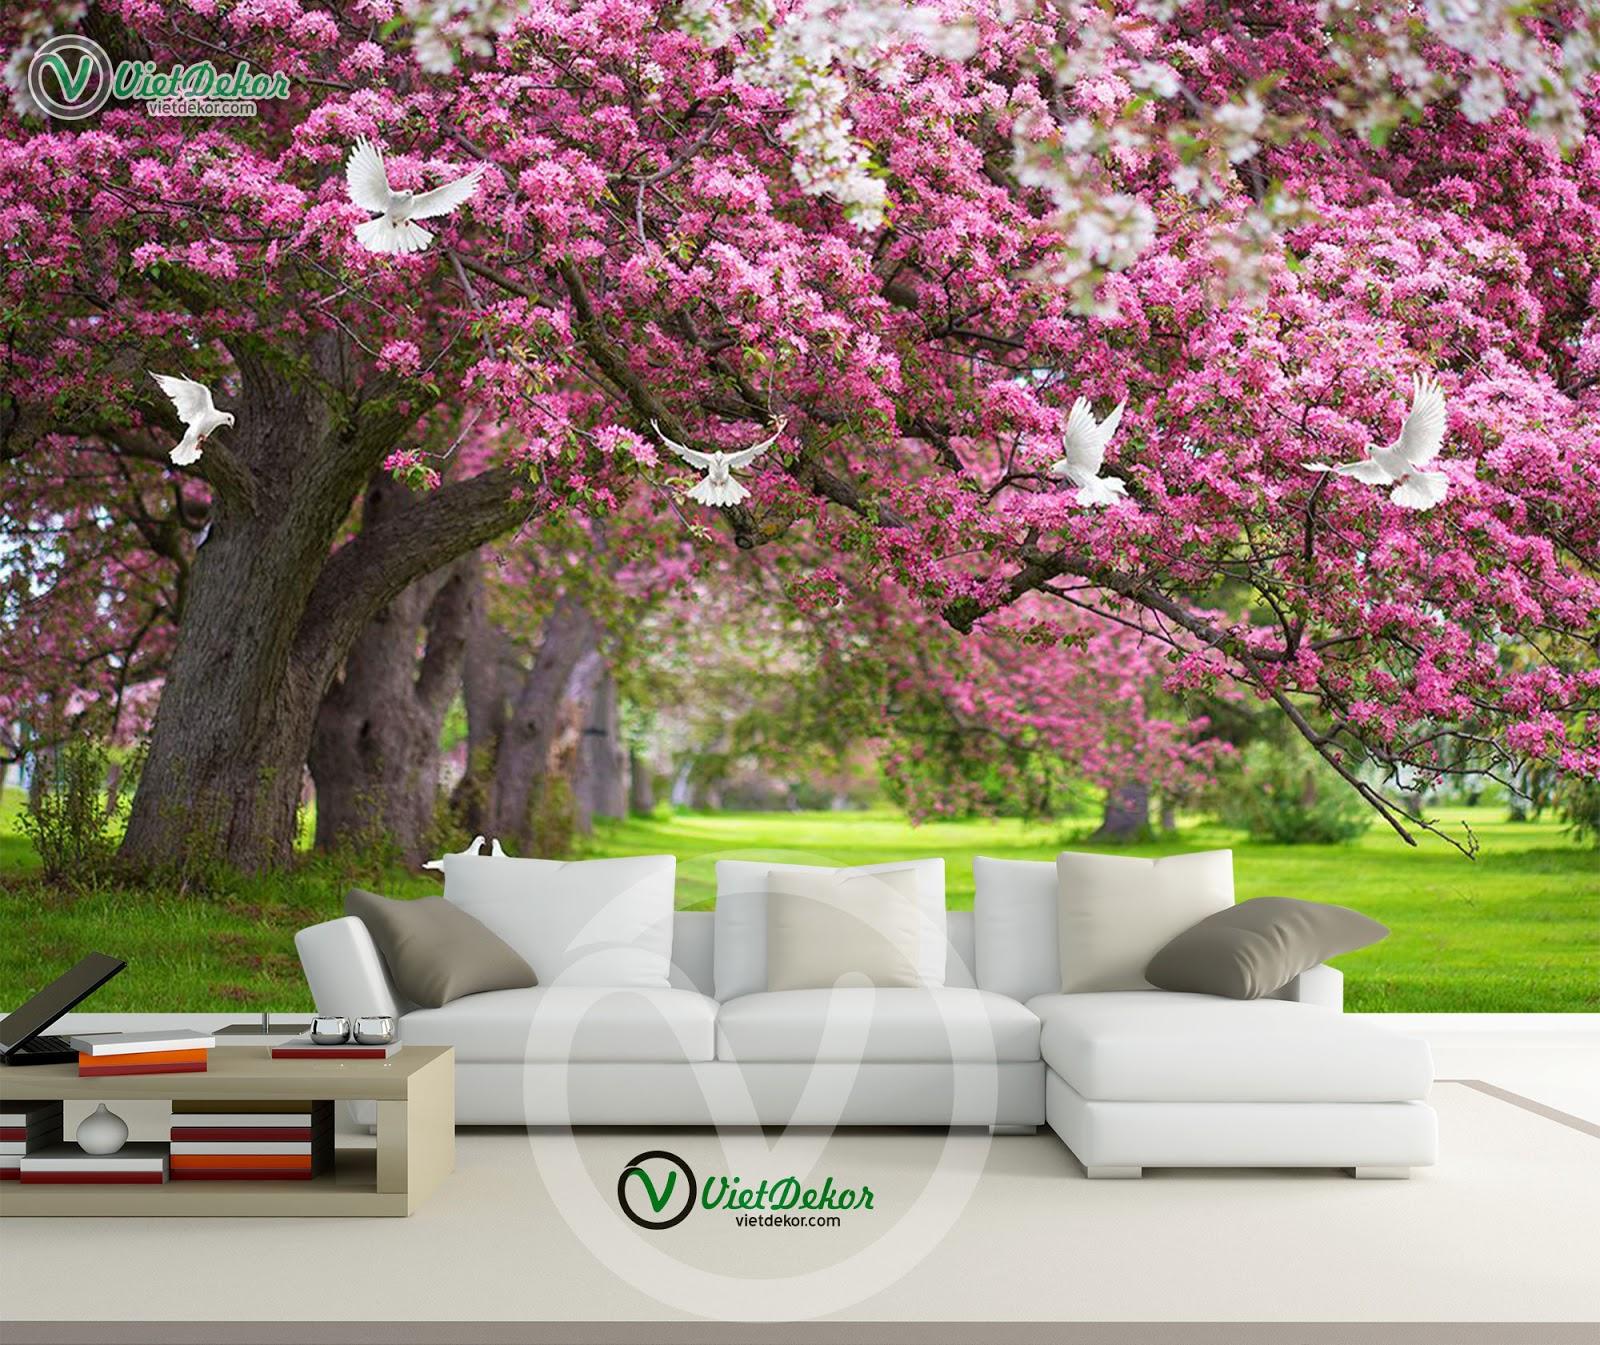 Tranh dán tường phong cảnh mùa xuân đẹp